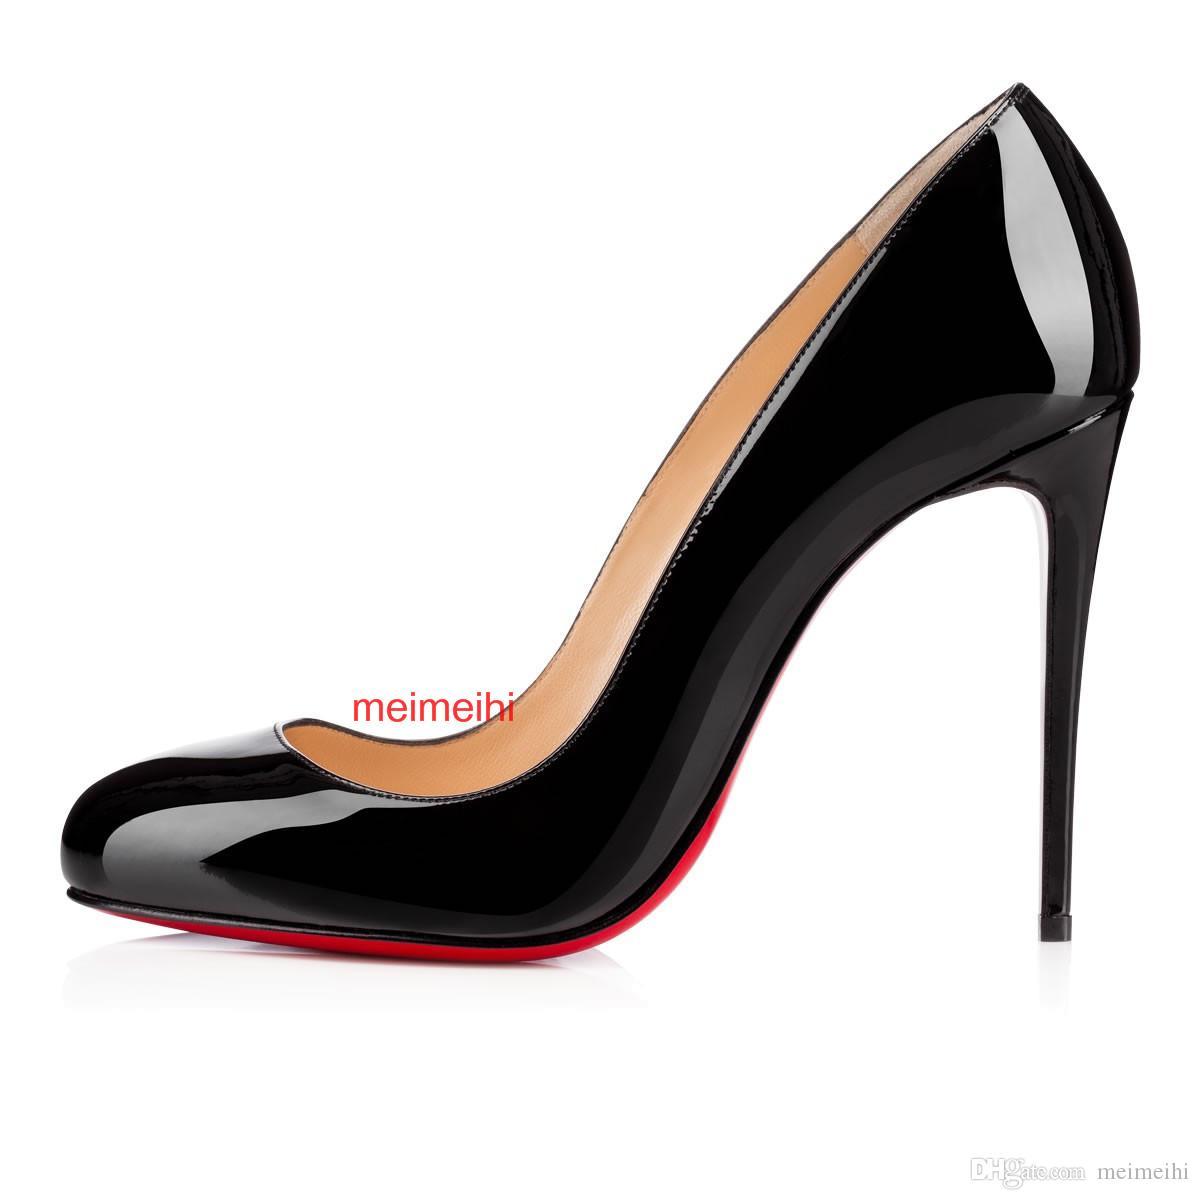 c22bccf4 Compre NUEVAS Bombas De Mujer Zapatos De Plataforma De Punta Redonda Nueva  Bomba Simple Nude Charol Parte Inferior Roja Lady Wedding Party Tacones  Altos A ...